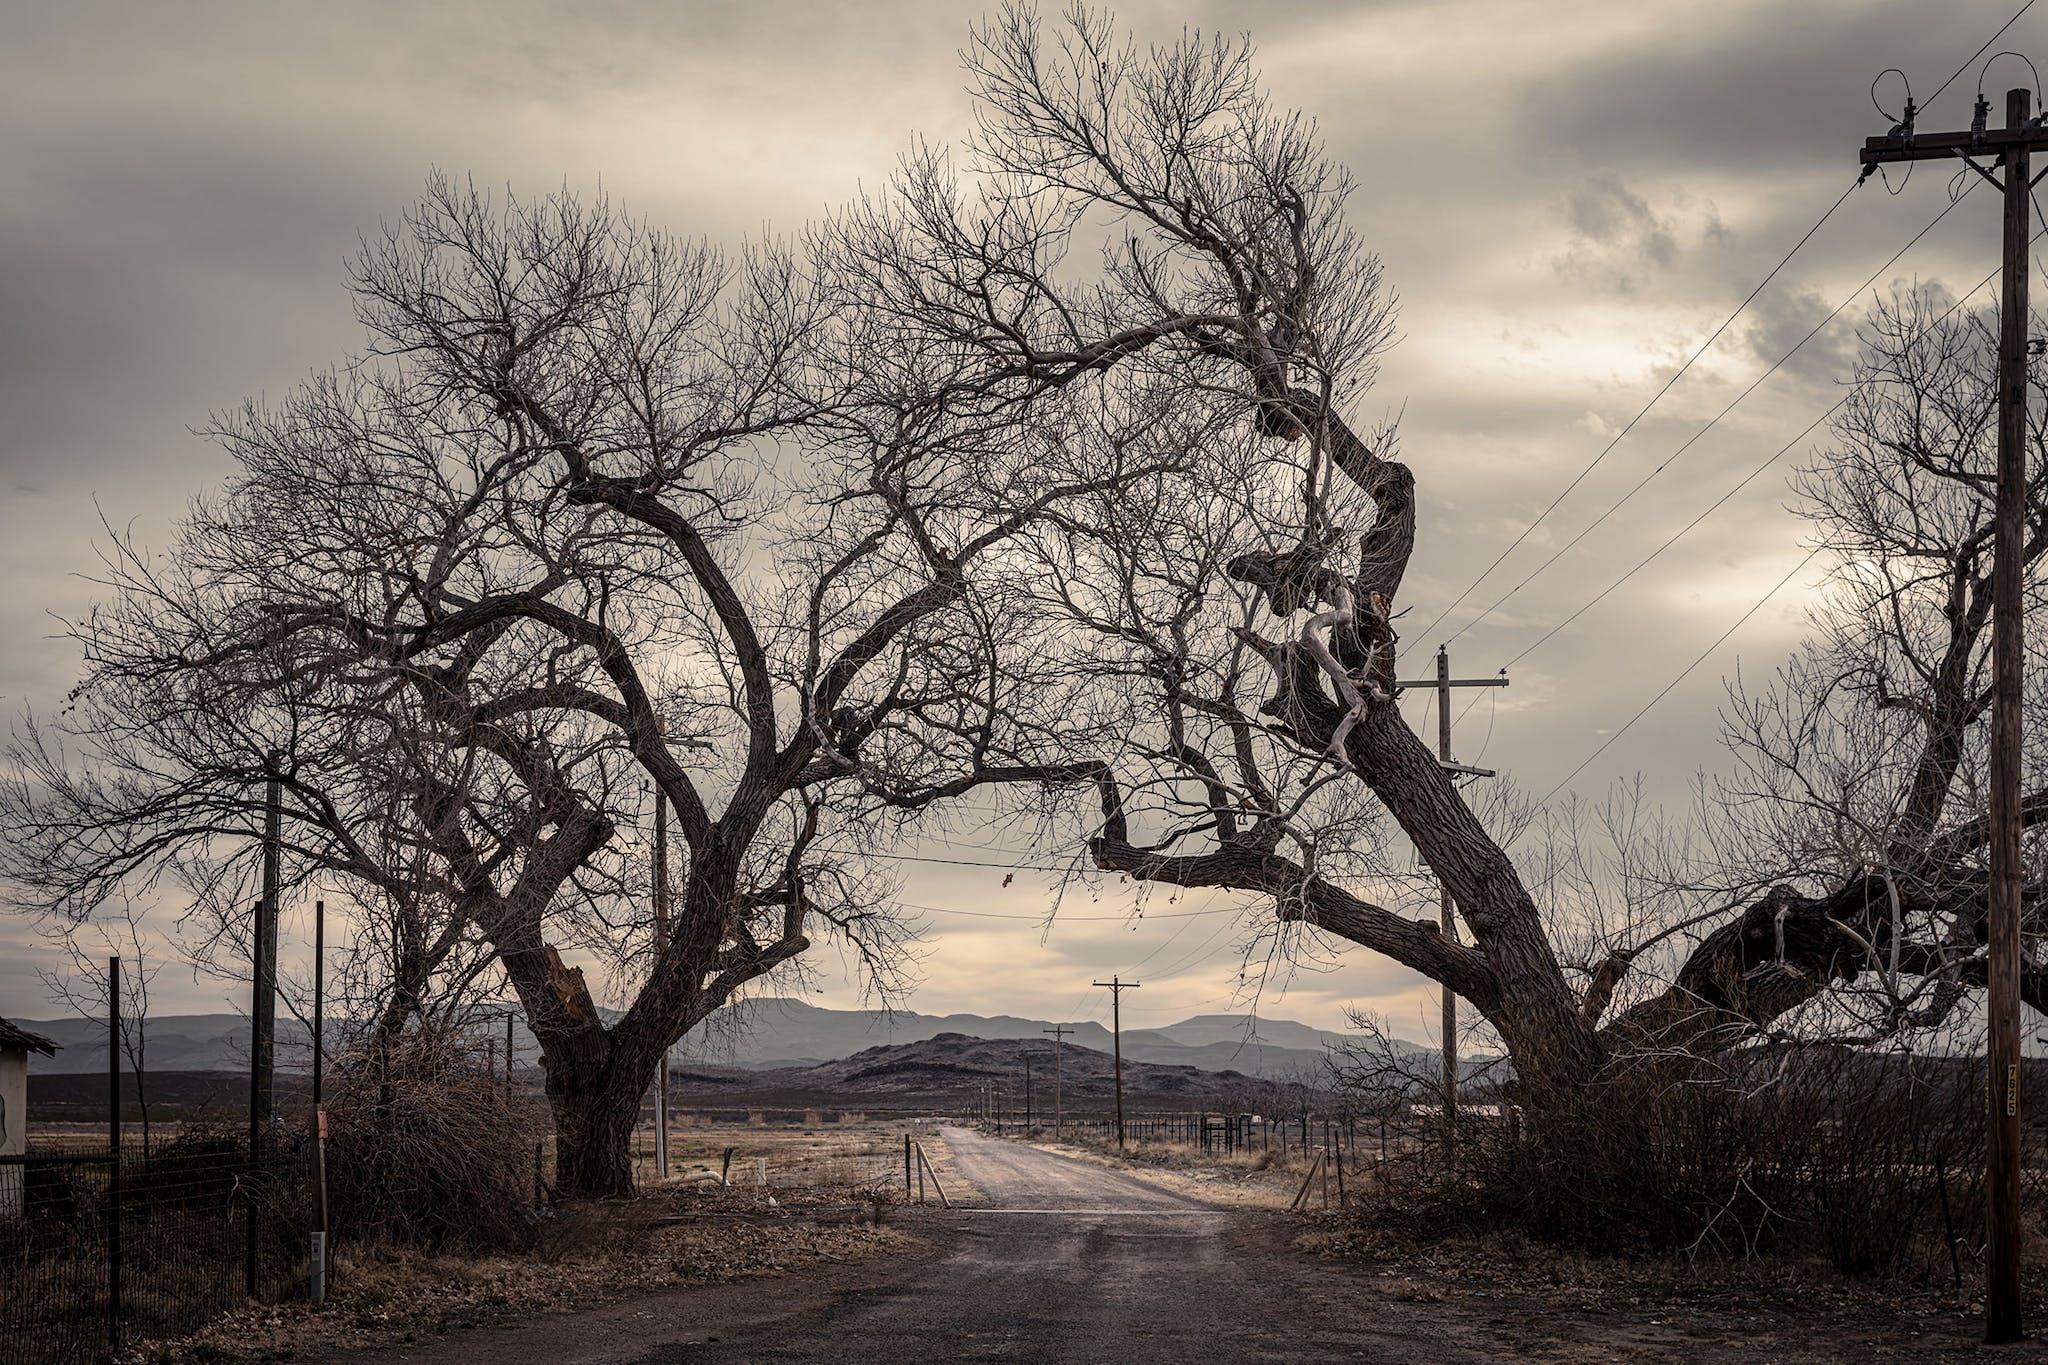 Caliche road outside Balmorhea.